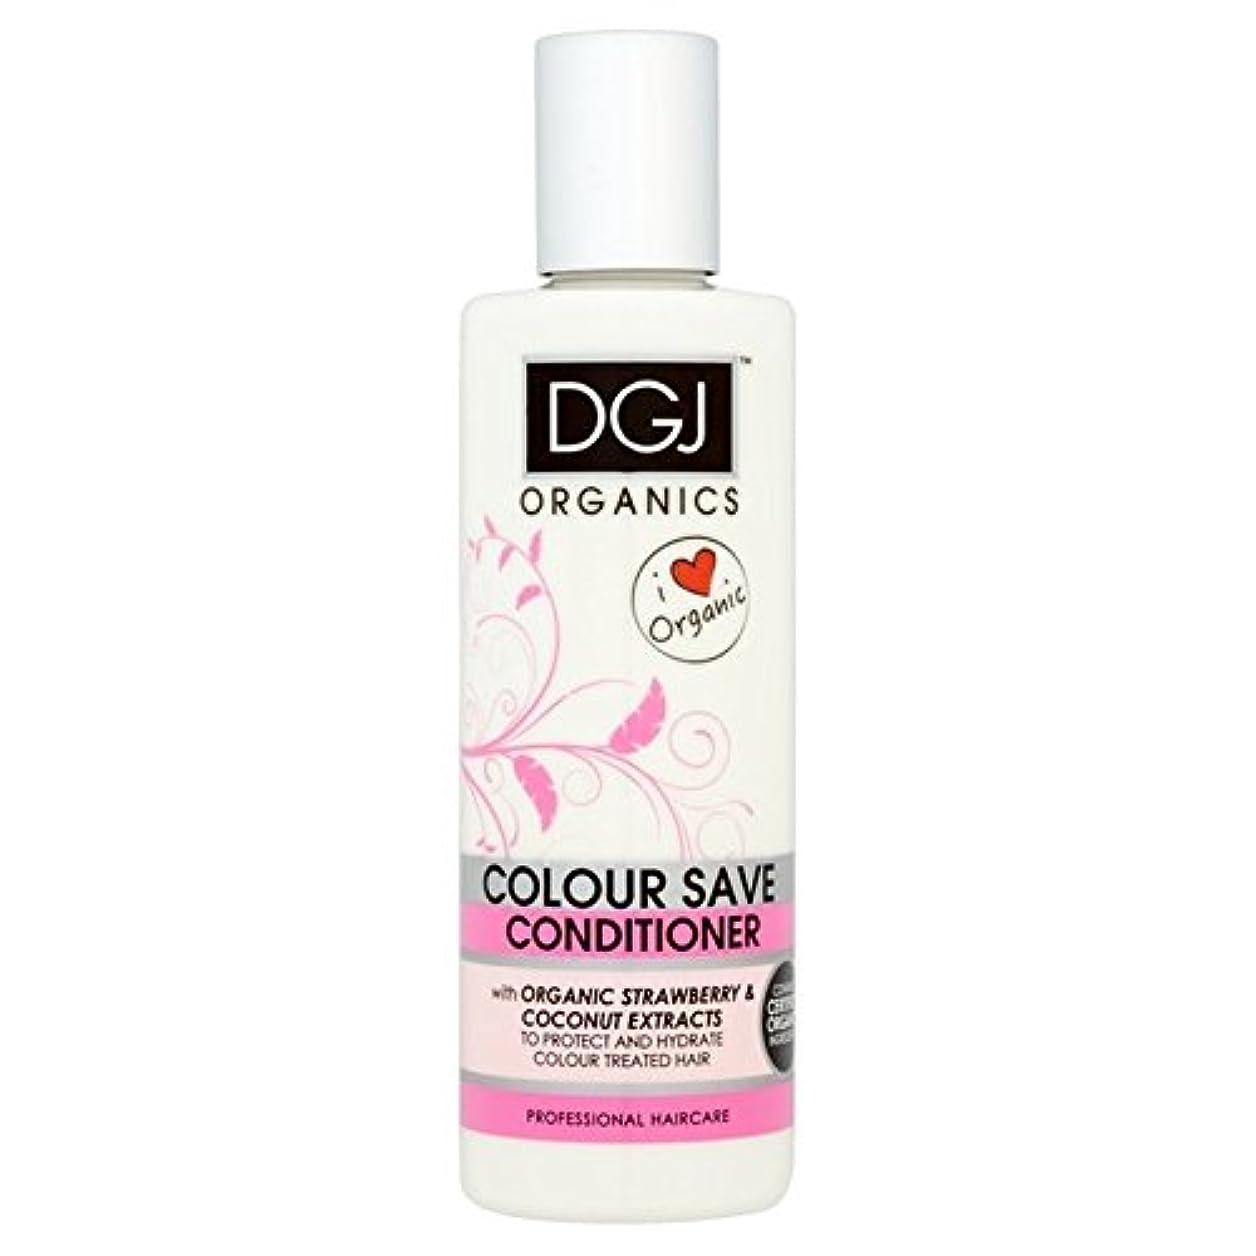 香り悲しみうめき有機物の色コンディショナー250を保存 x2 - DGJ Organics Colour Save Conditioner 250ml (Pack of 2) [並行輸入品]